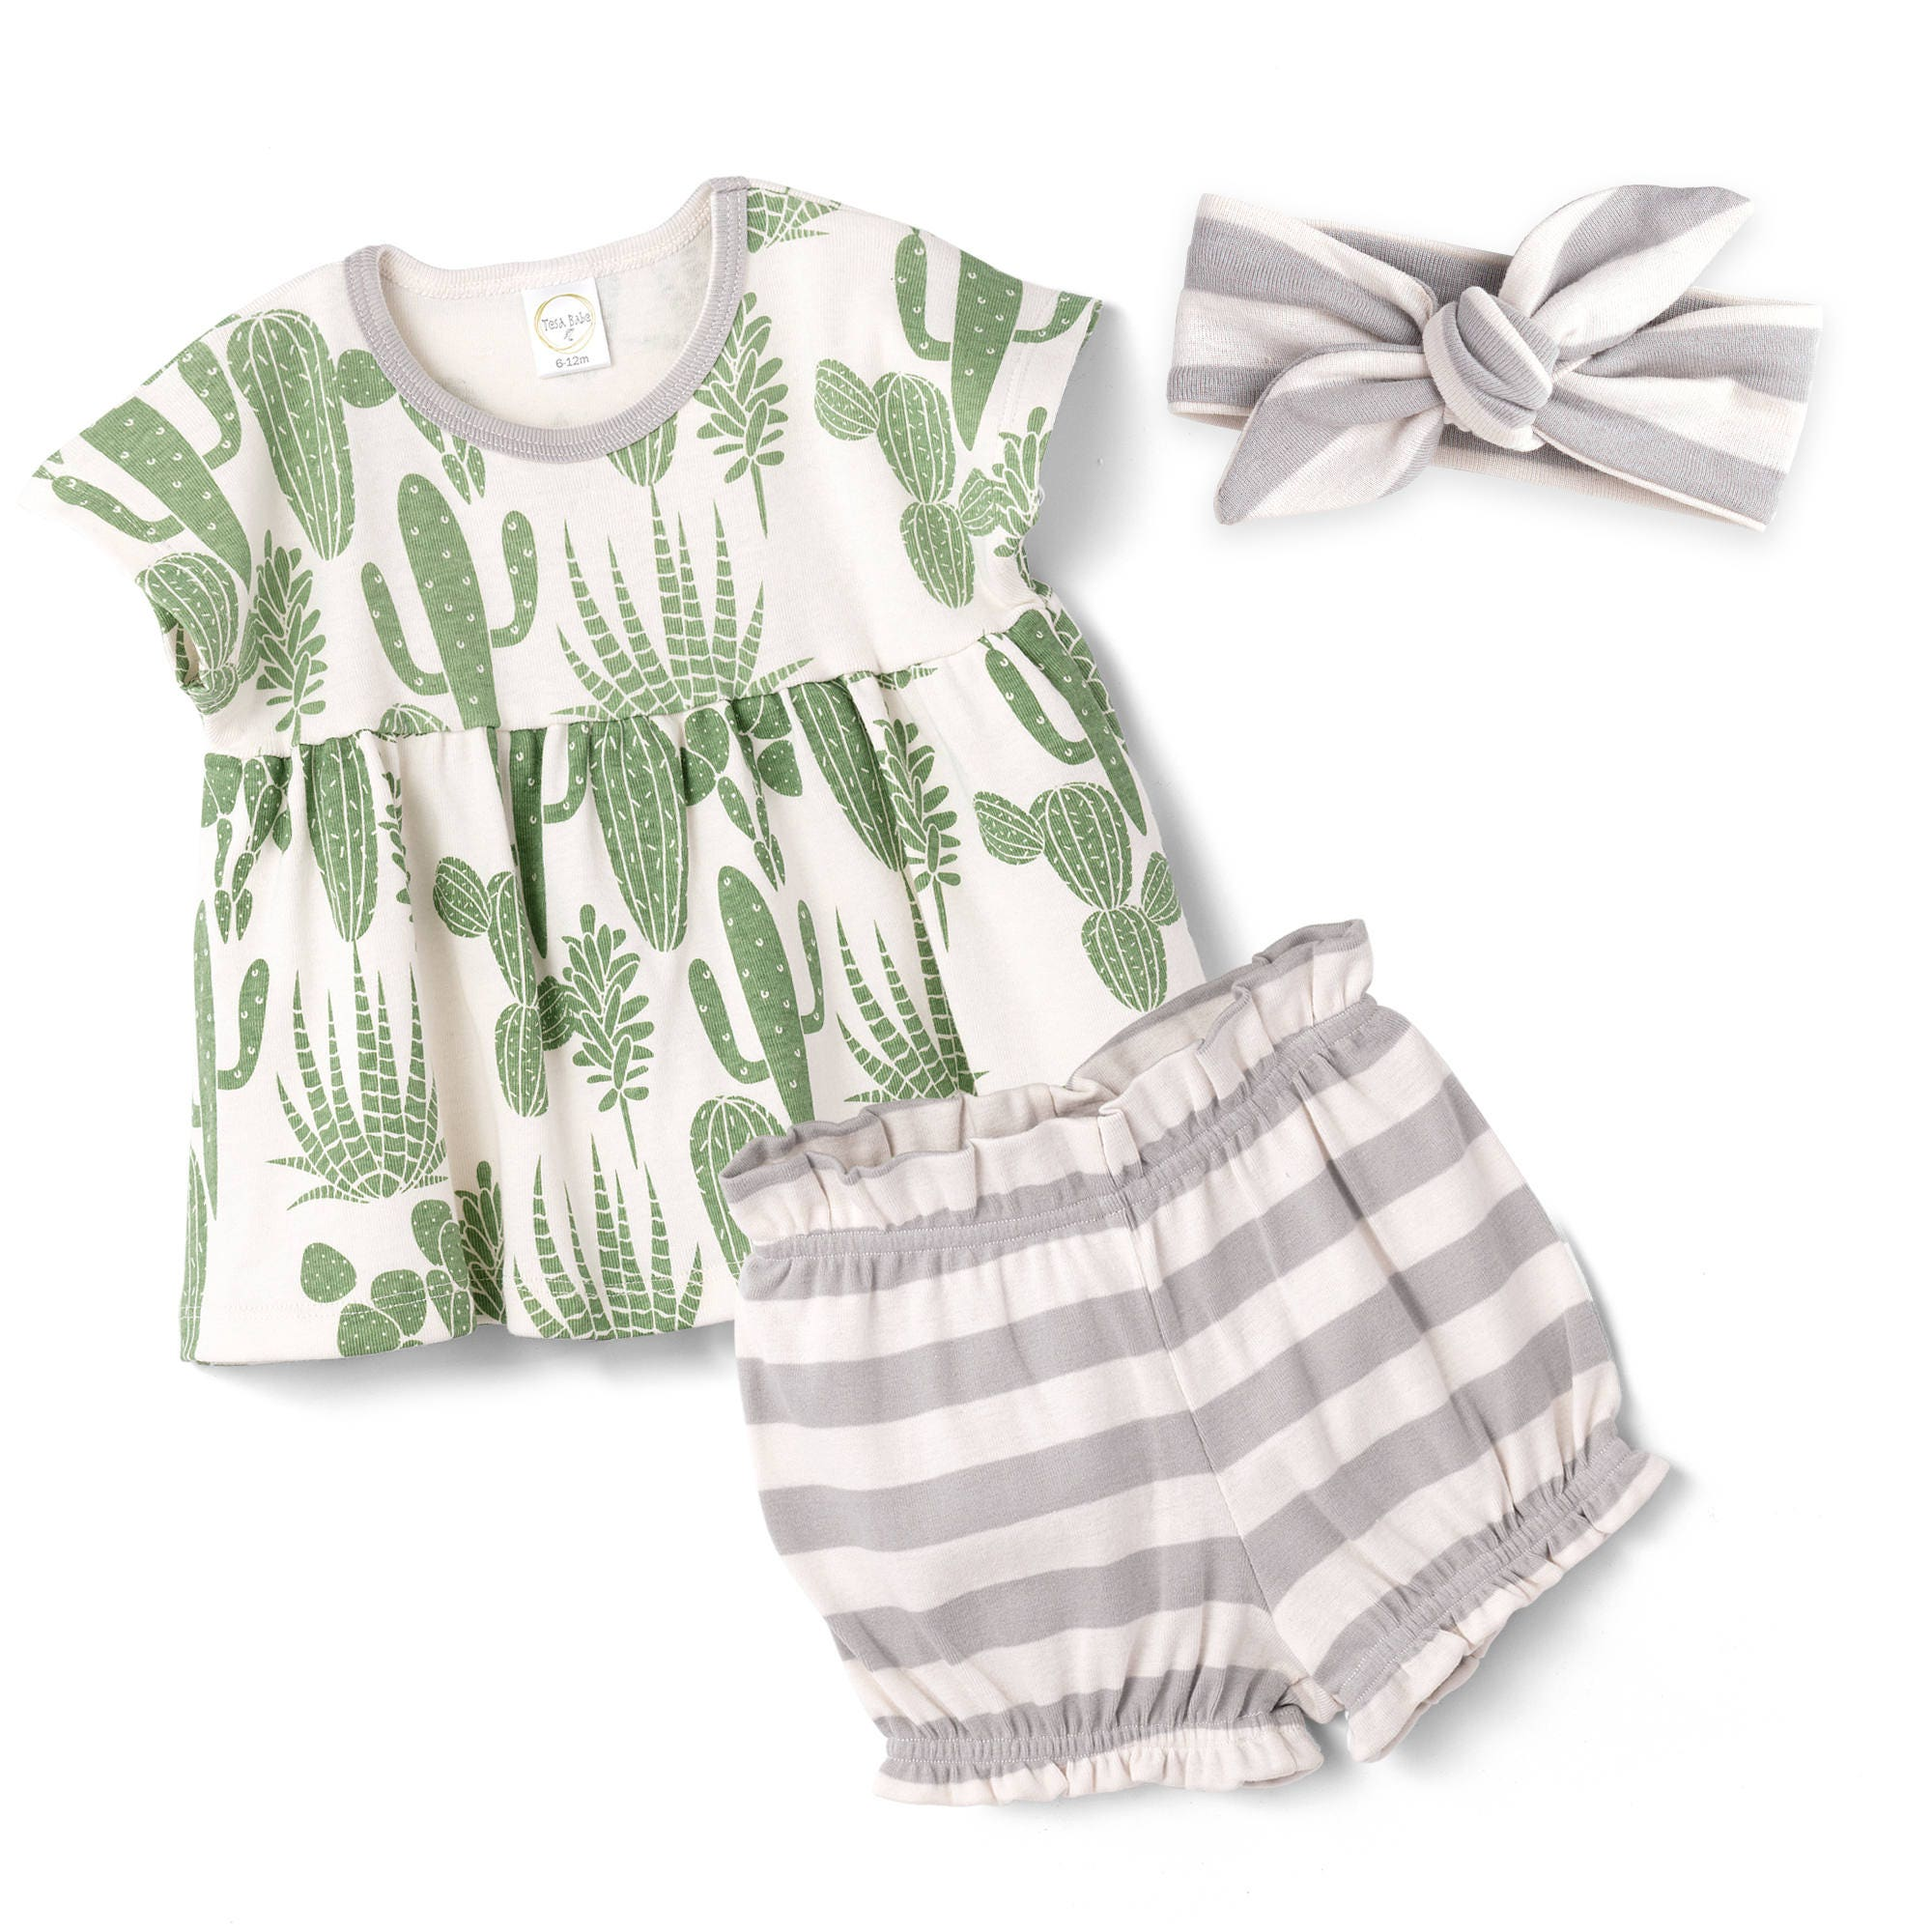 c773b010daf6 ... Baby Girl Cactus Outfit Tesa Babe. 1